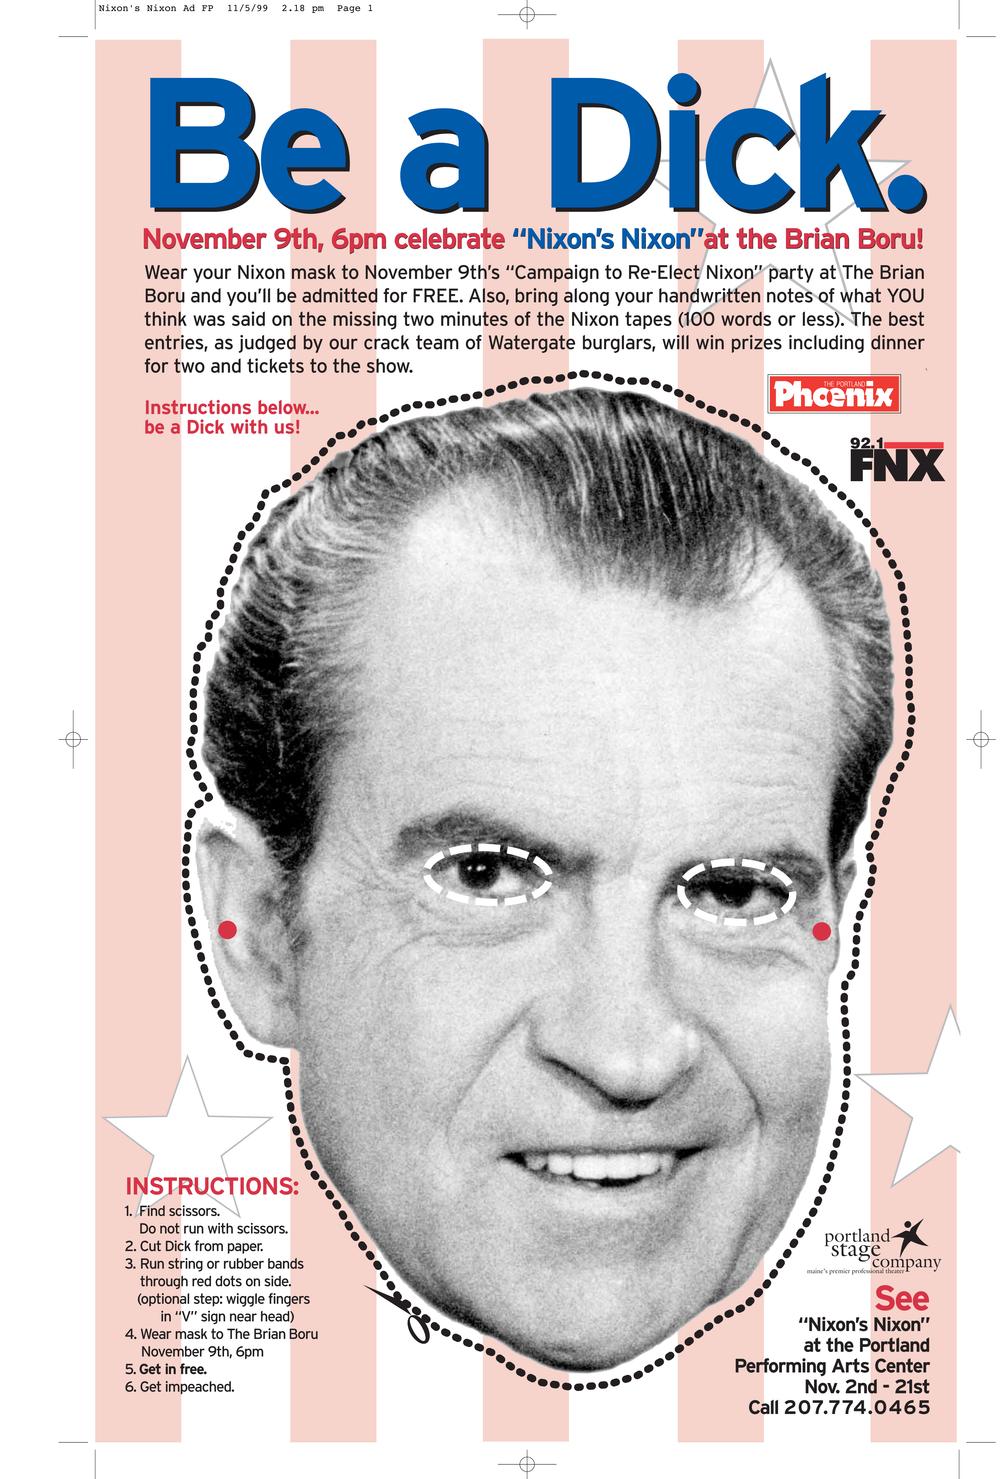 Nixon'snixon10.png